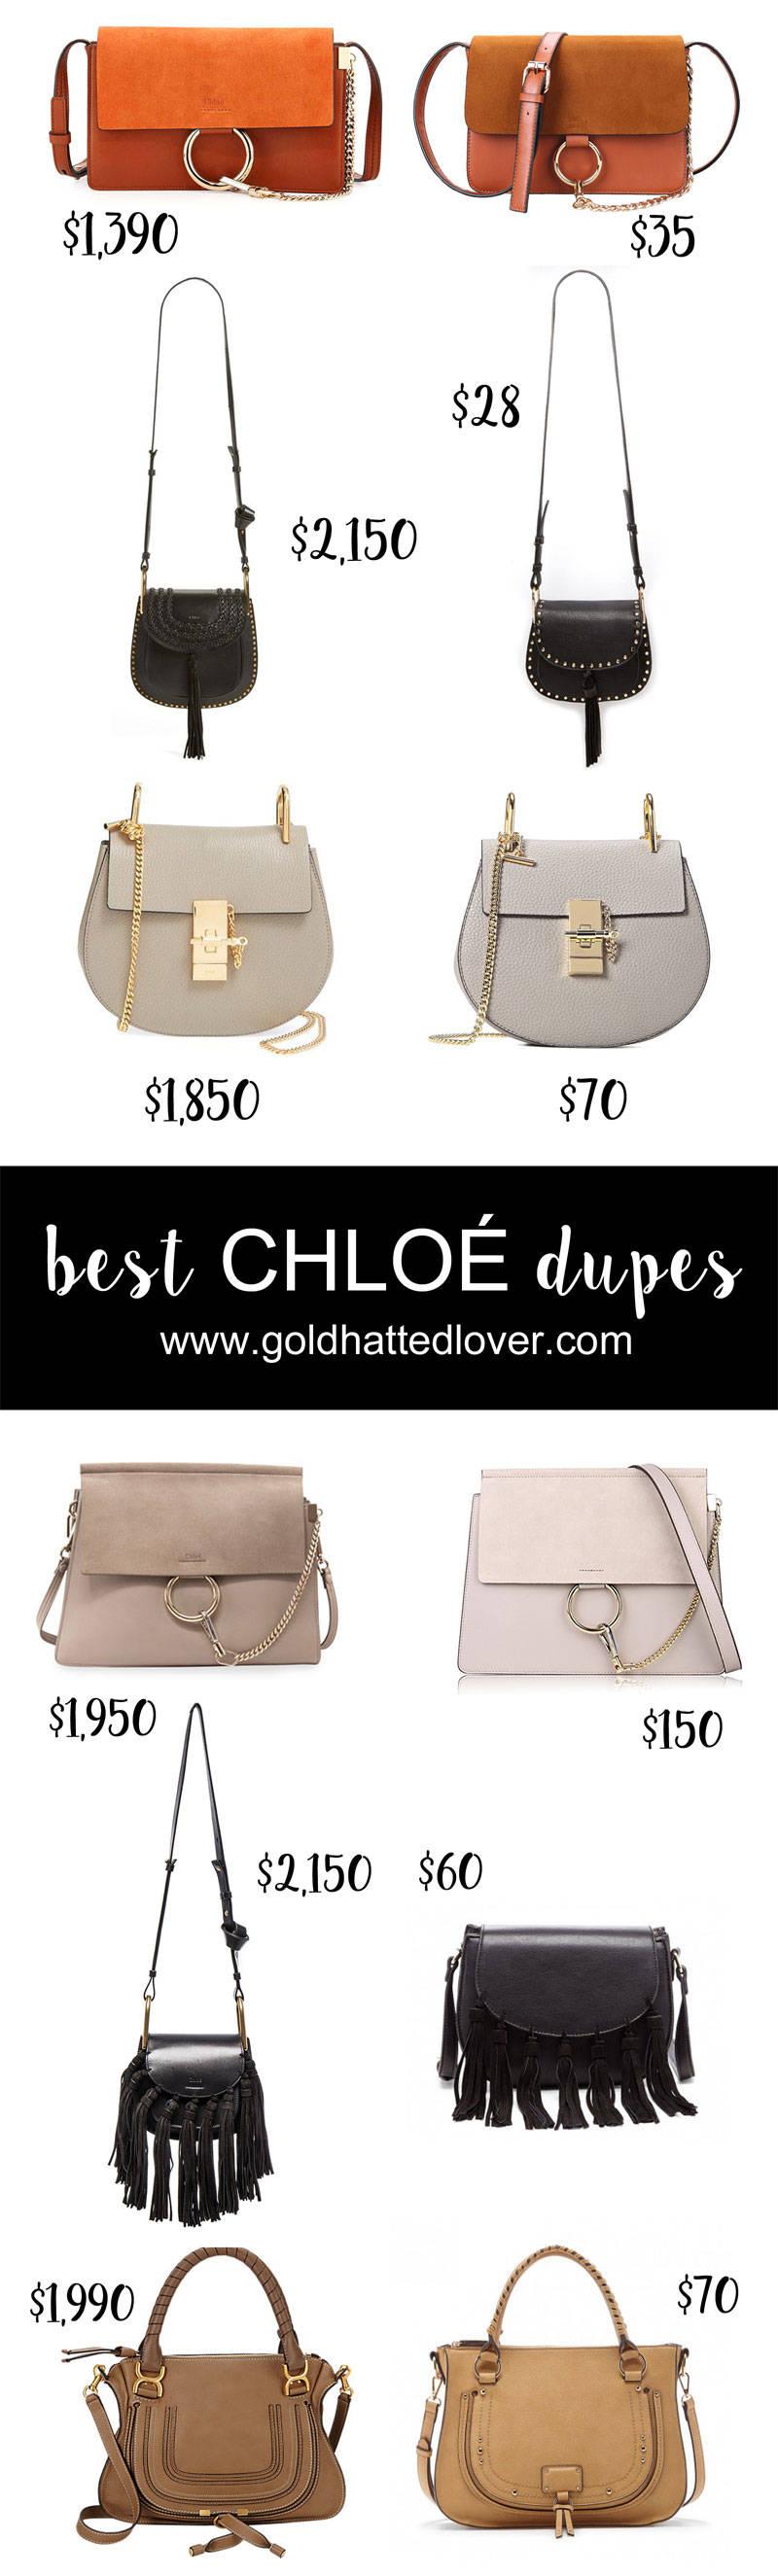 Best Chloé Handbag Dupes   Gold-Hatted Lover